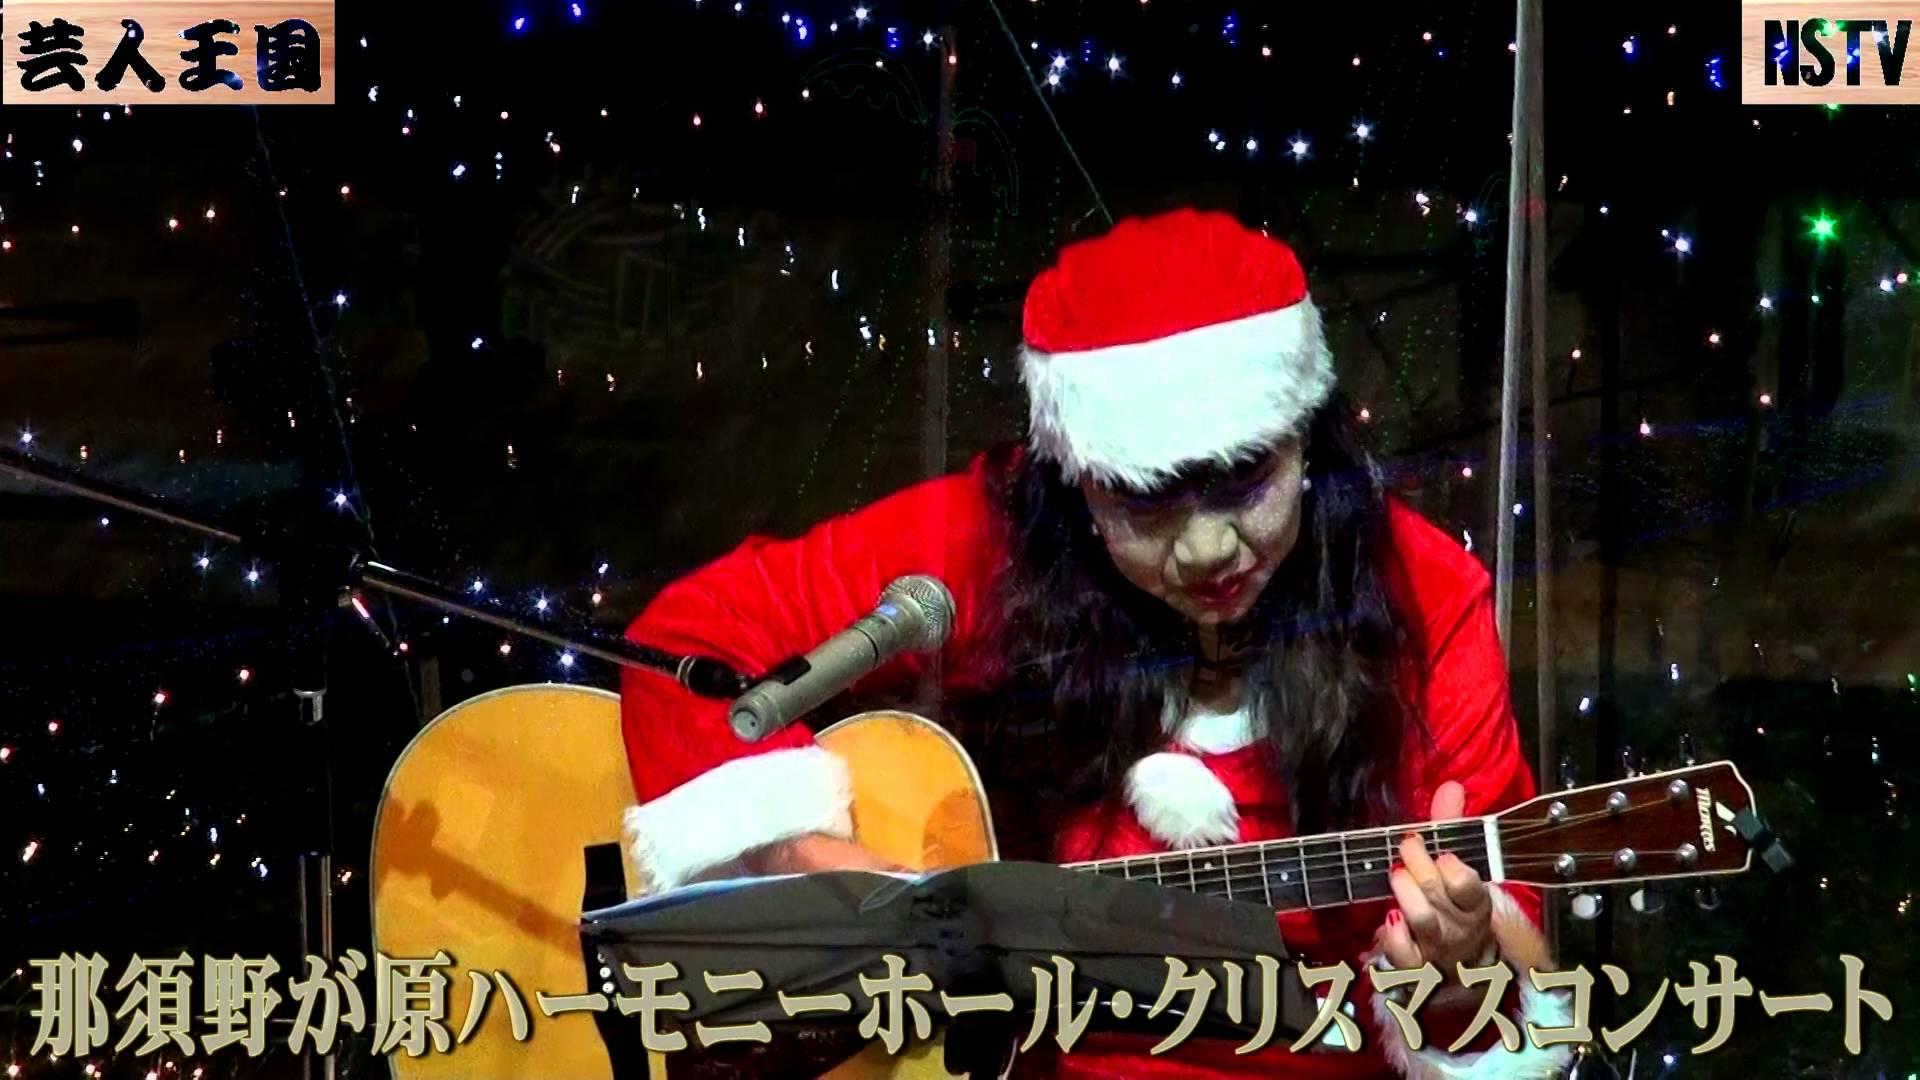 那須野が原ハーモニーホールクリスマスコンサート~マットー井上と仲間たち